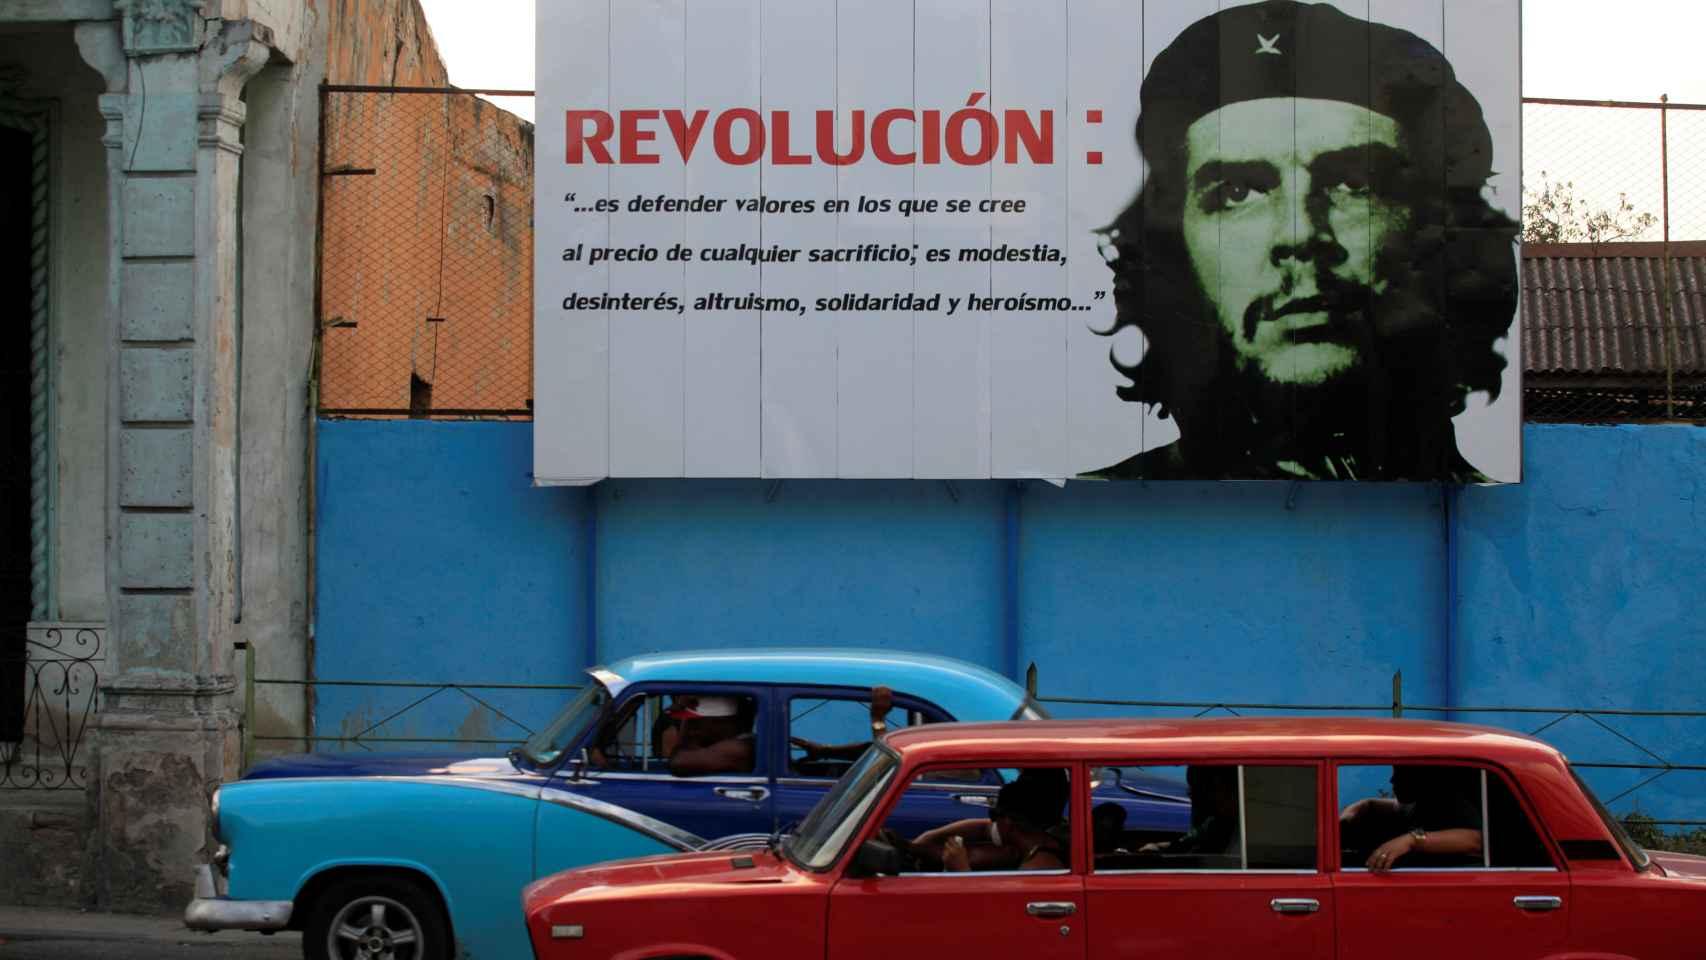 Los carteles de la revolución cubana siguen presentes en las calles de la capital.